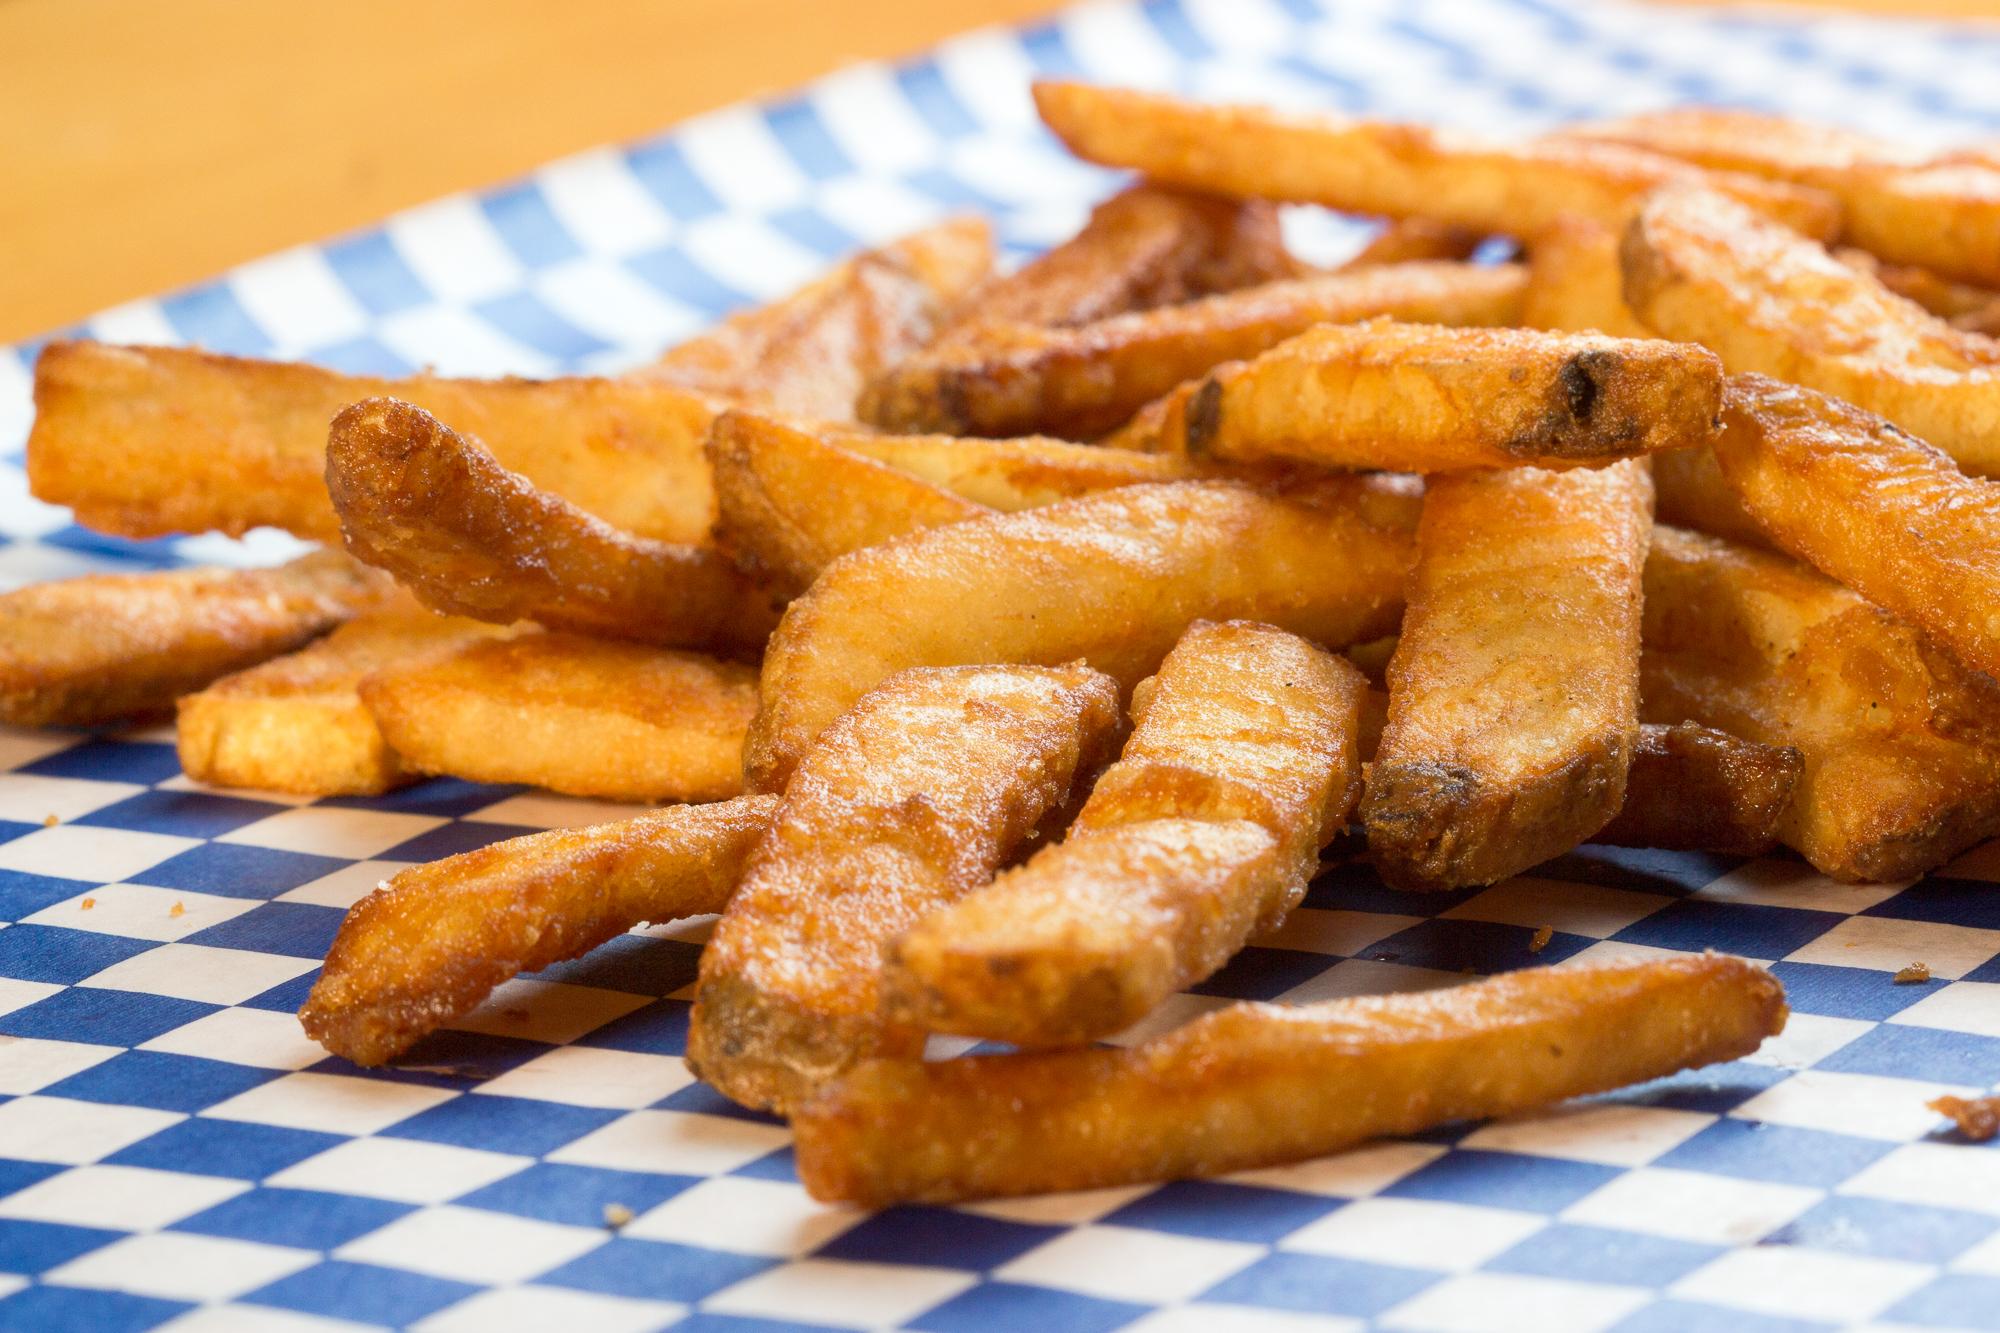 istock fries-2